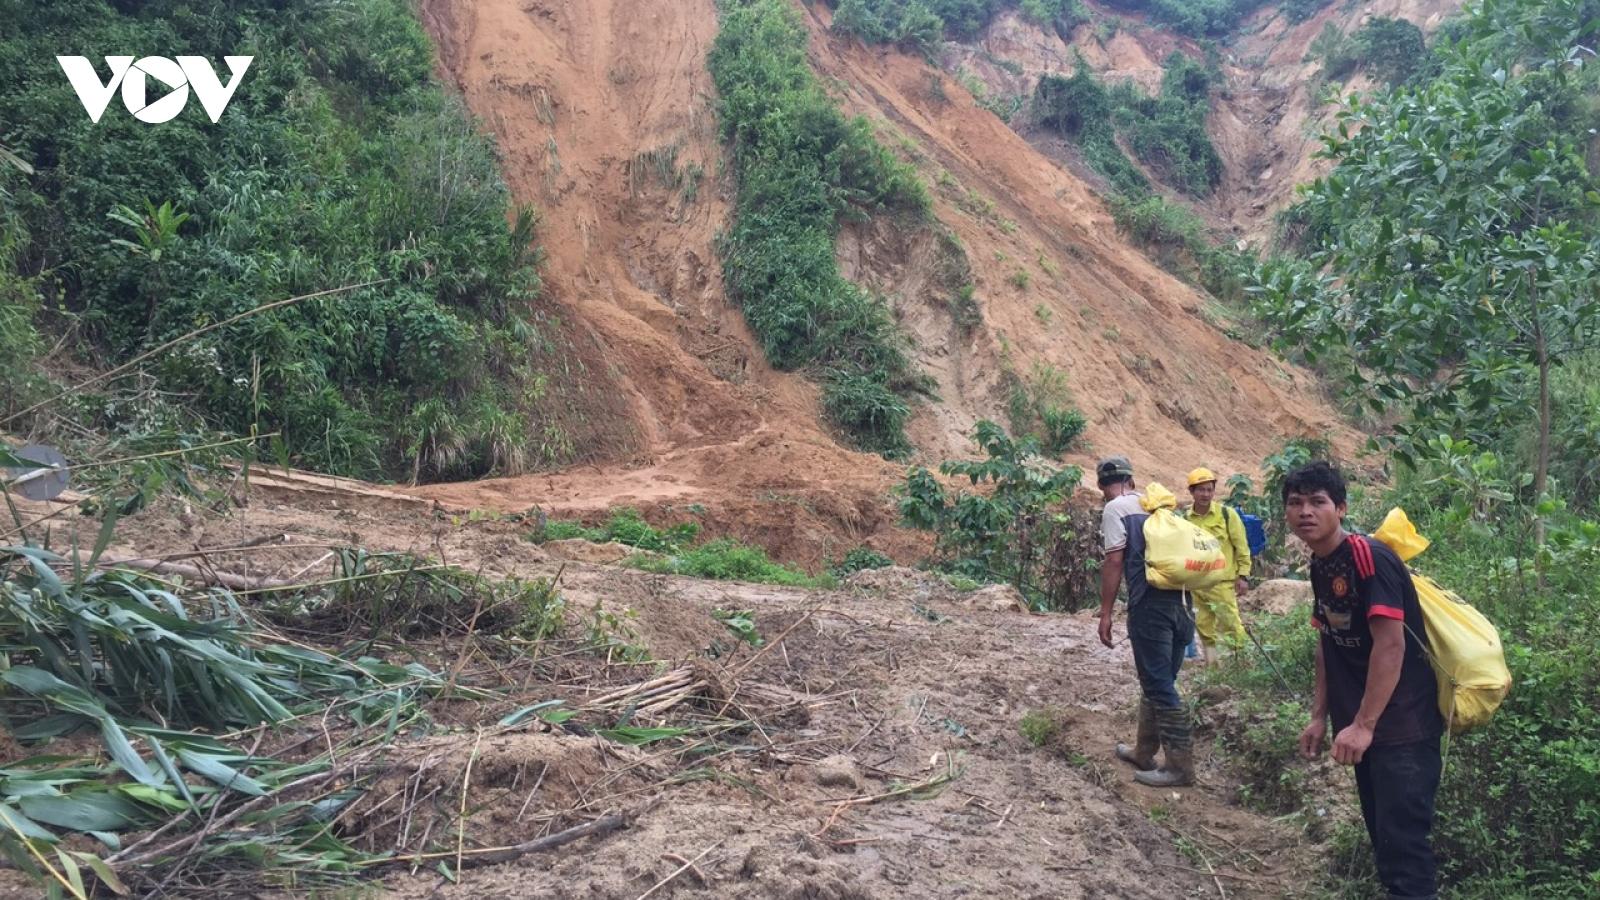 Vụ sạt lở ở Phước Sơn: Đoàn cứu nạn vẫn chưa thể vào được hiện trường